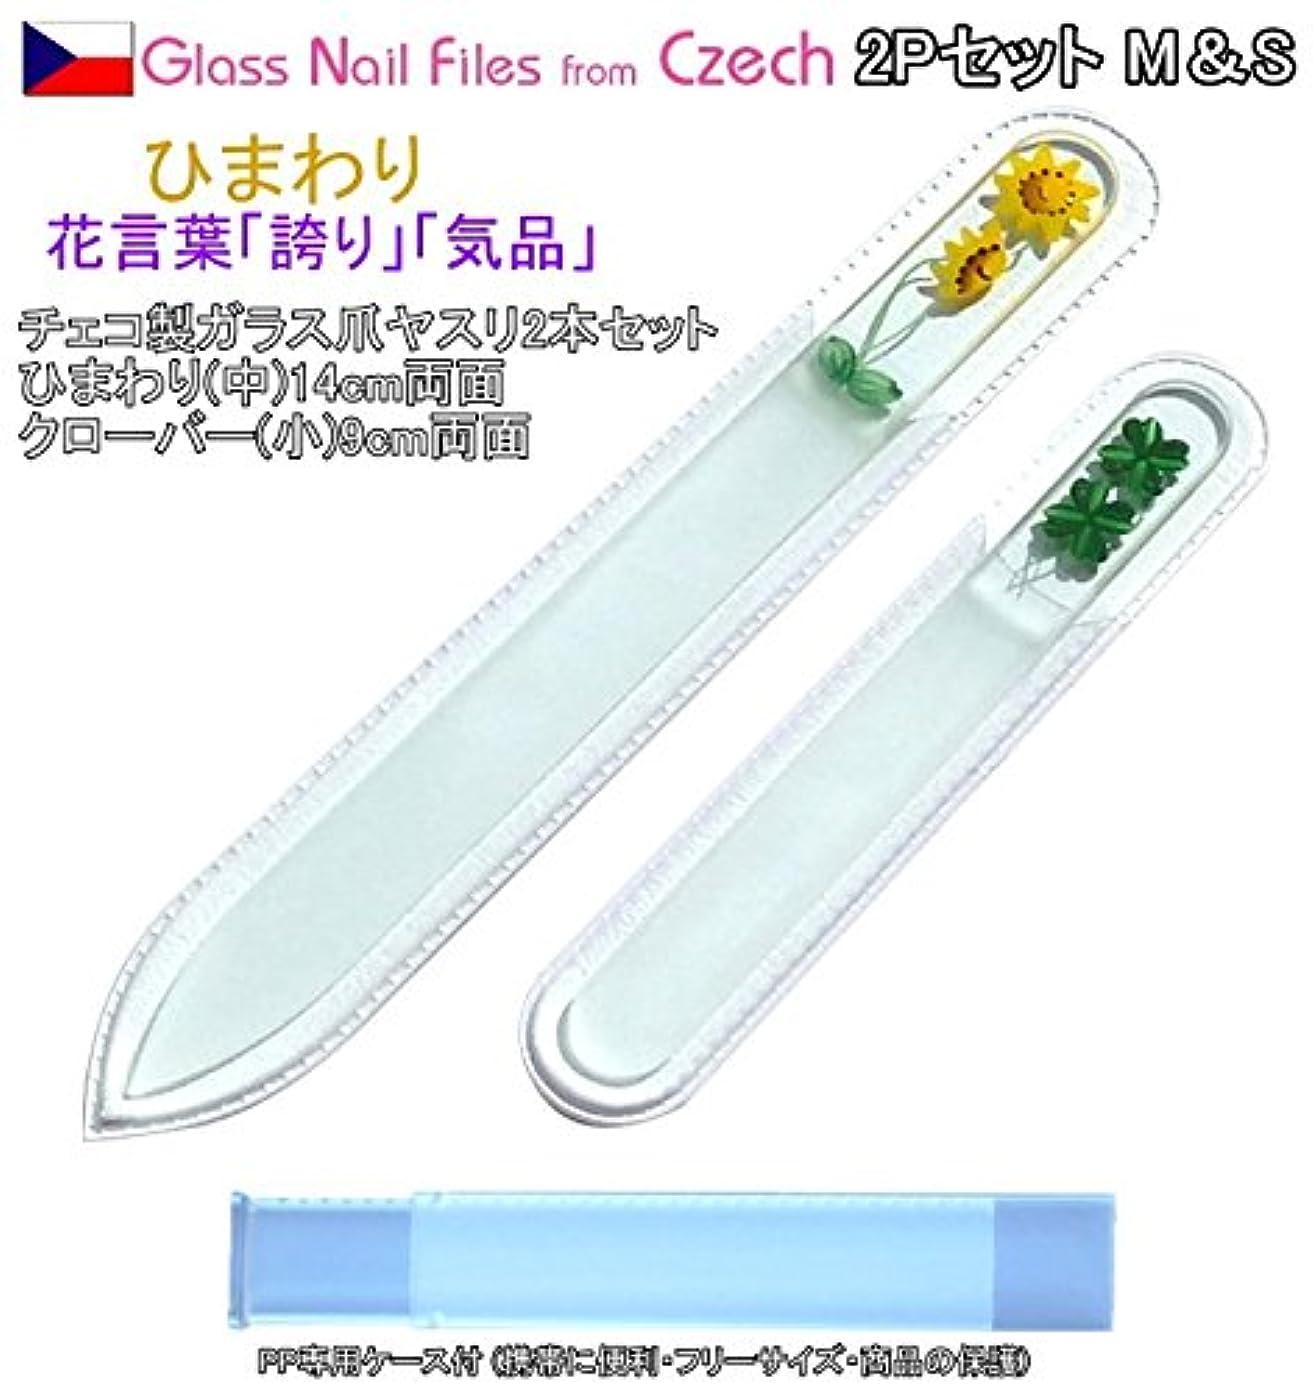 花異形協力的BISON チェコ製ガラス爪ヤスリ ひまわり 2本セット 14cm&9cm ミニクローバー 両面仕上げ 専用ケース付